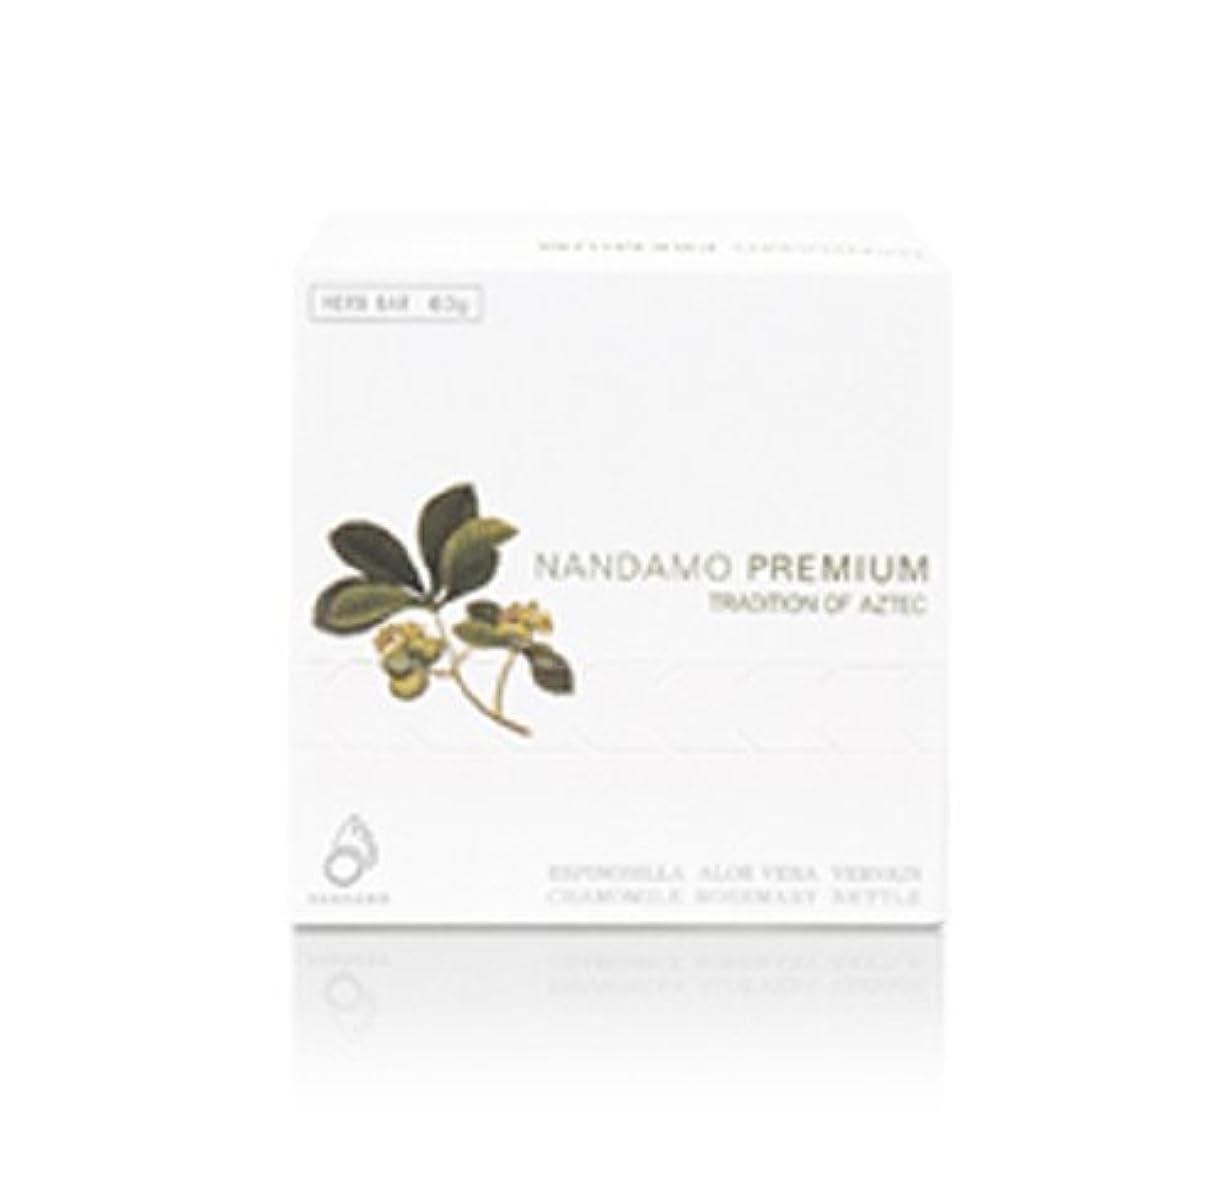 ハッピーハロウィン欺NANDAMO PREMIUM(ナンダモプレミアム)ナンダモプレミアム60g